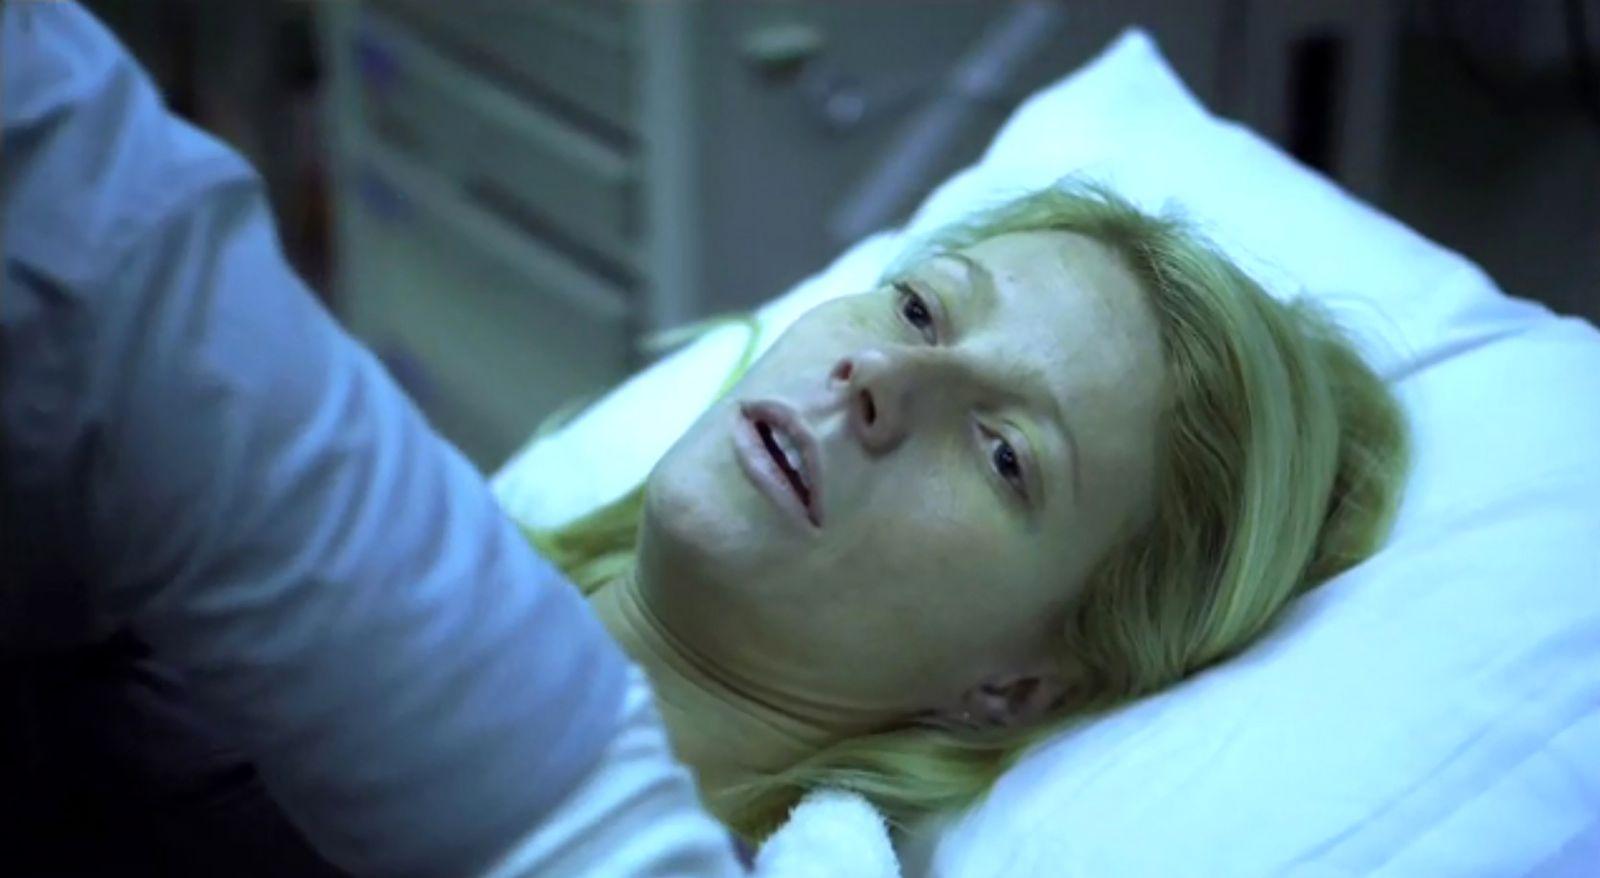 Gwyneth Paltrow filmography